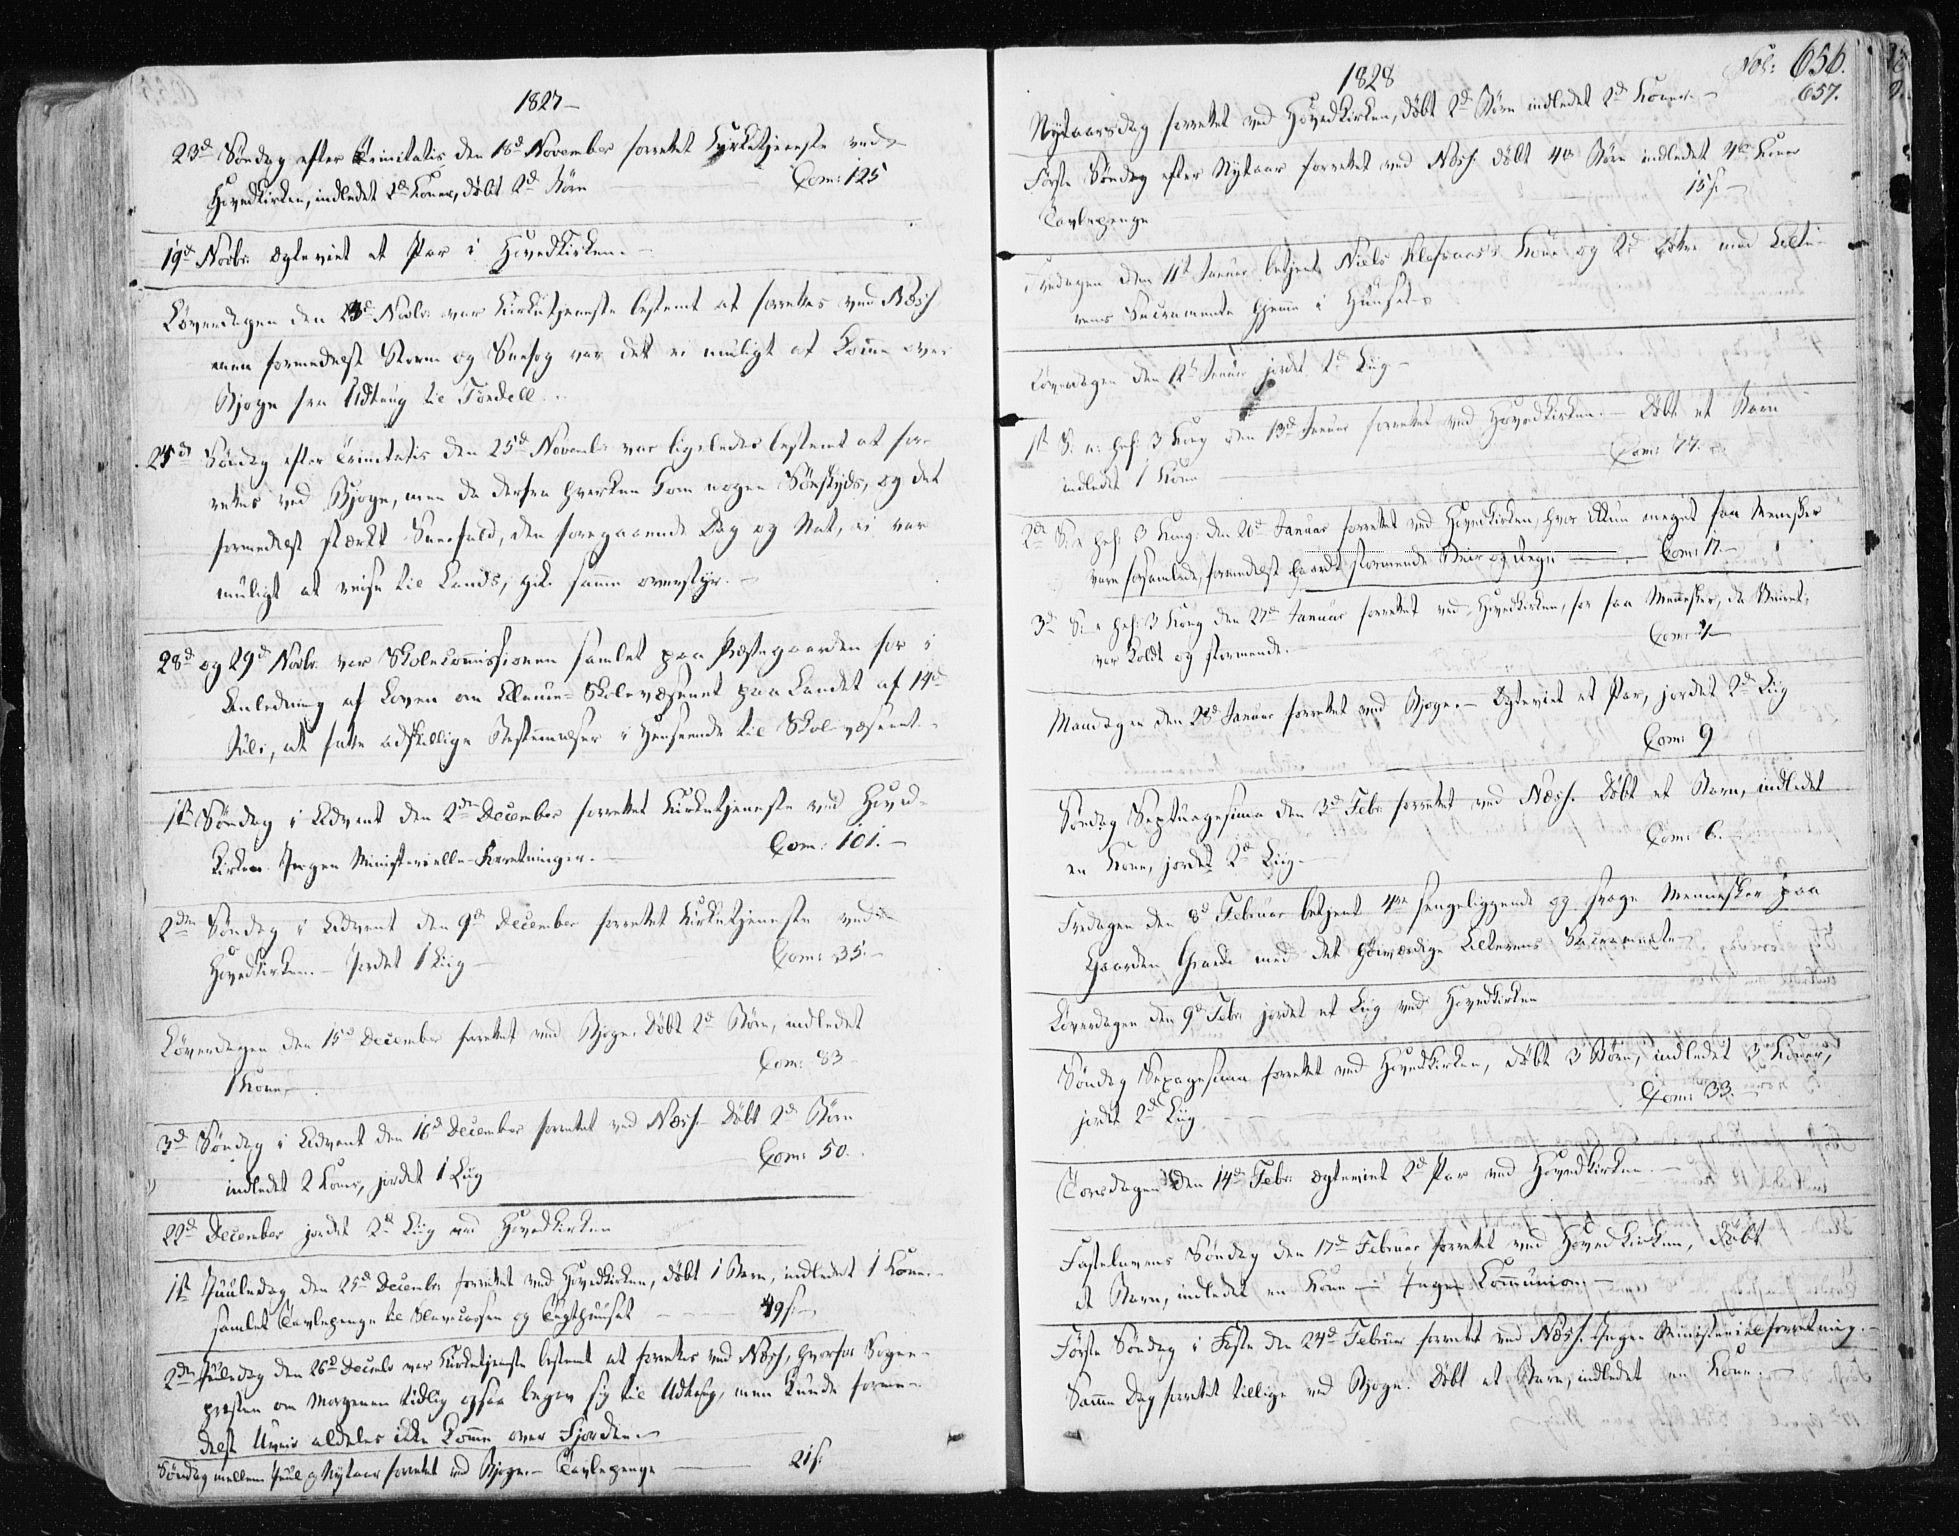 SAT, Ministerialprotokoller, klokkerbøker og fødselsregistre - Sør-Trøndelag, 659/L0735: Ministerialbok nr. 659A05, 1826-1841, s. 656